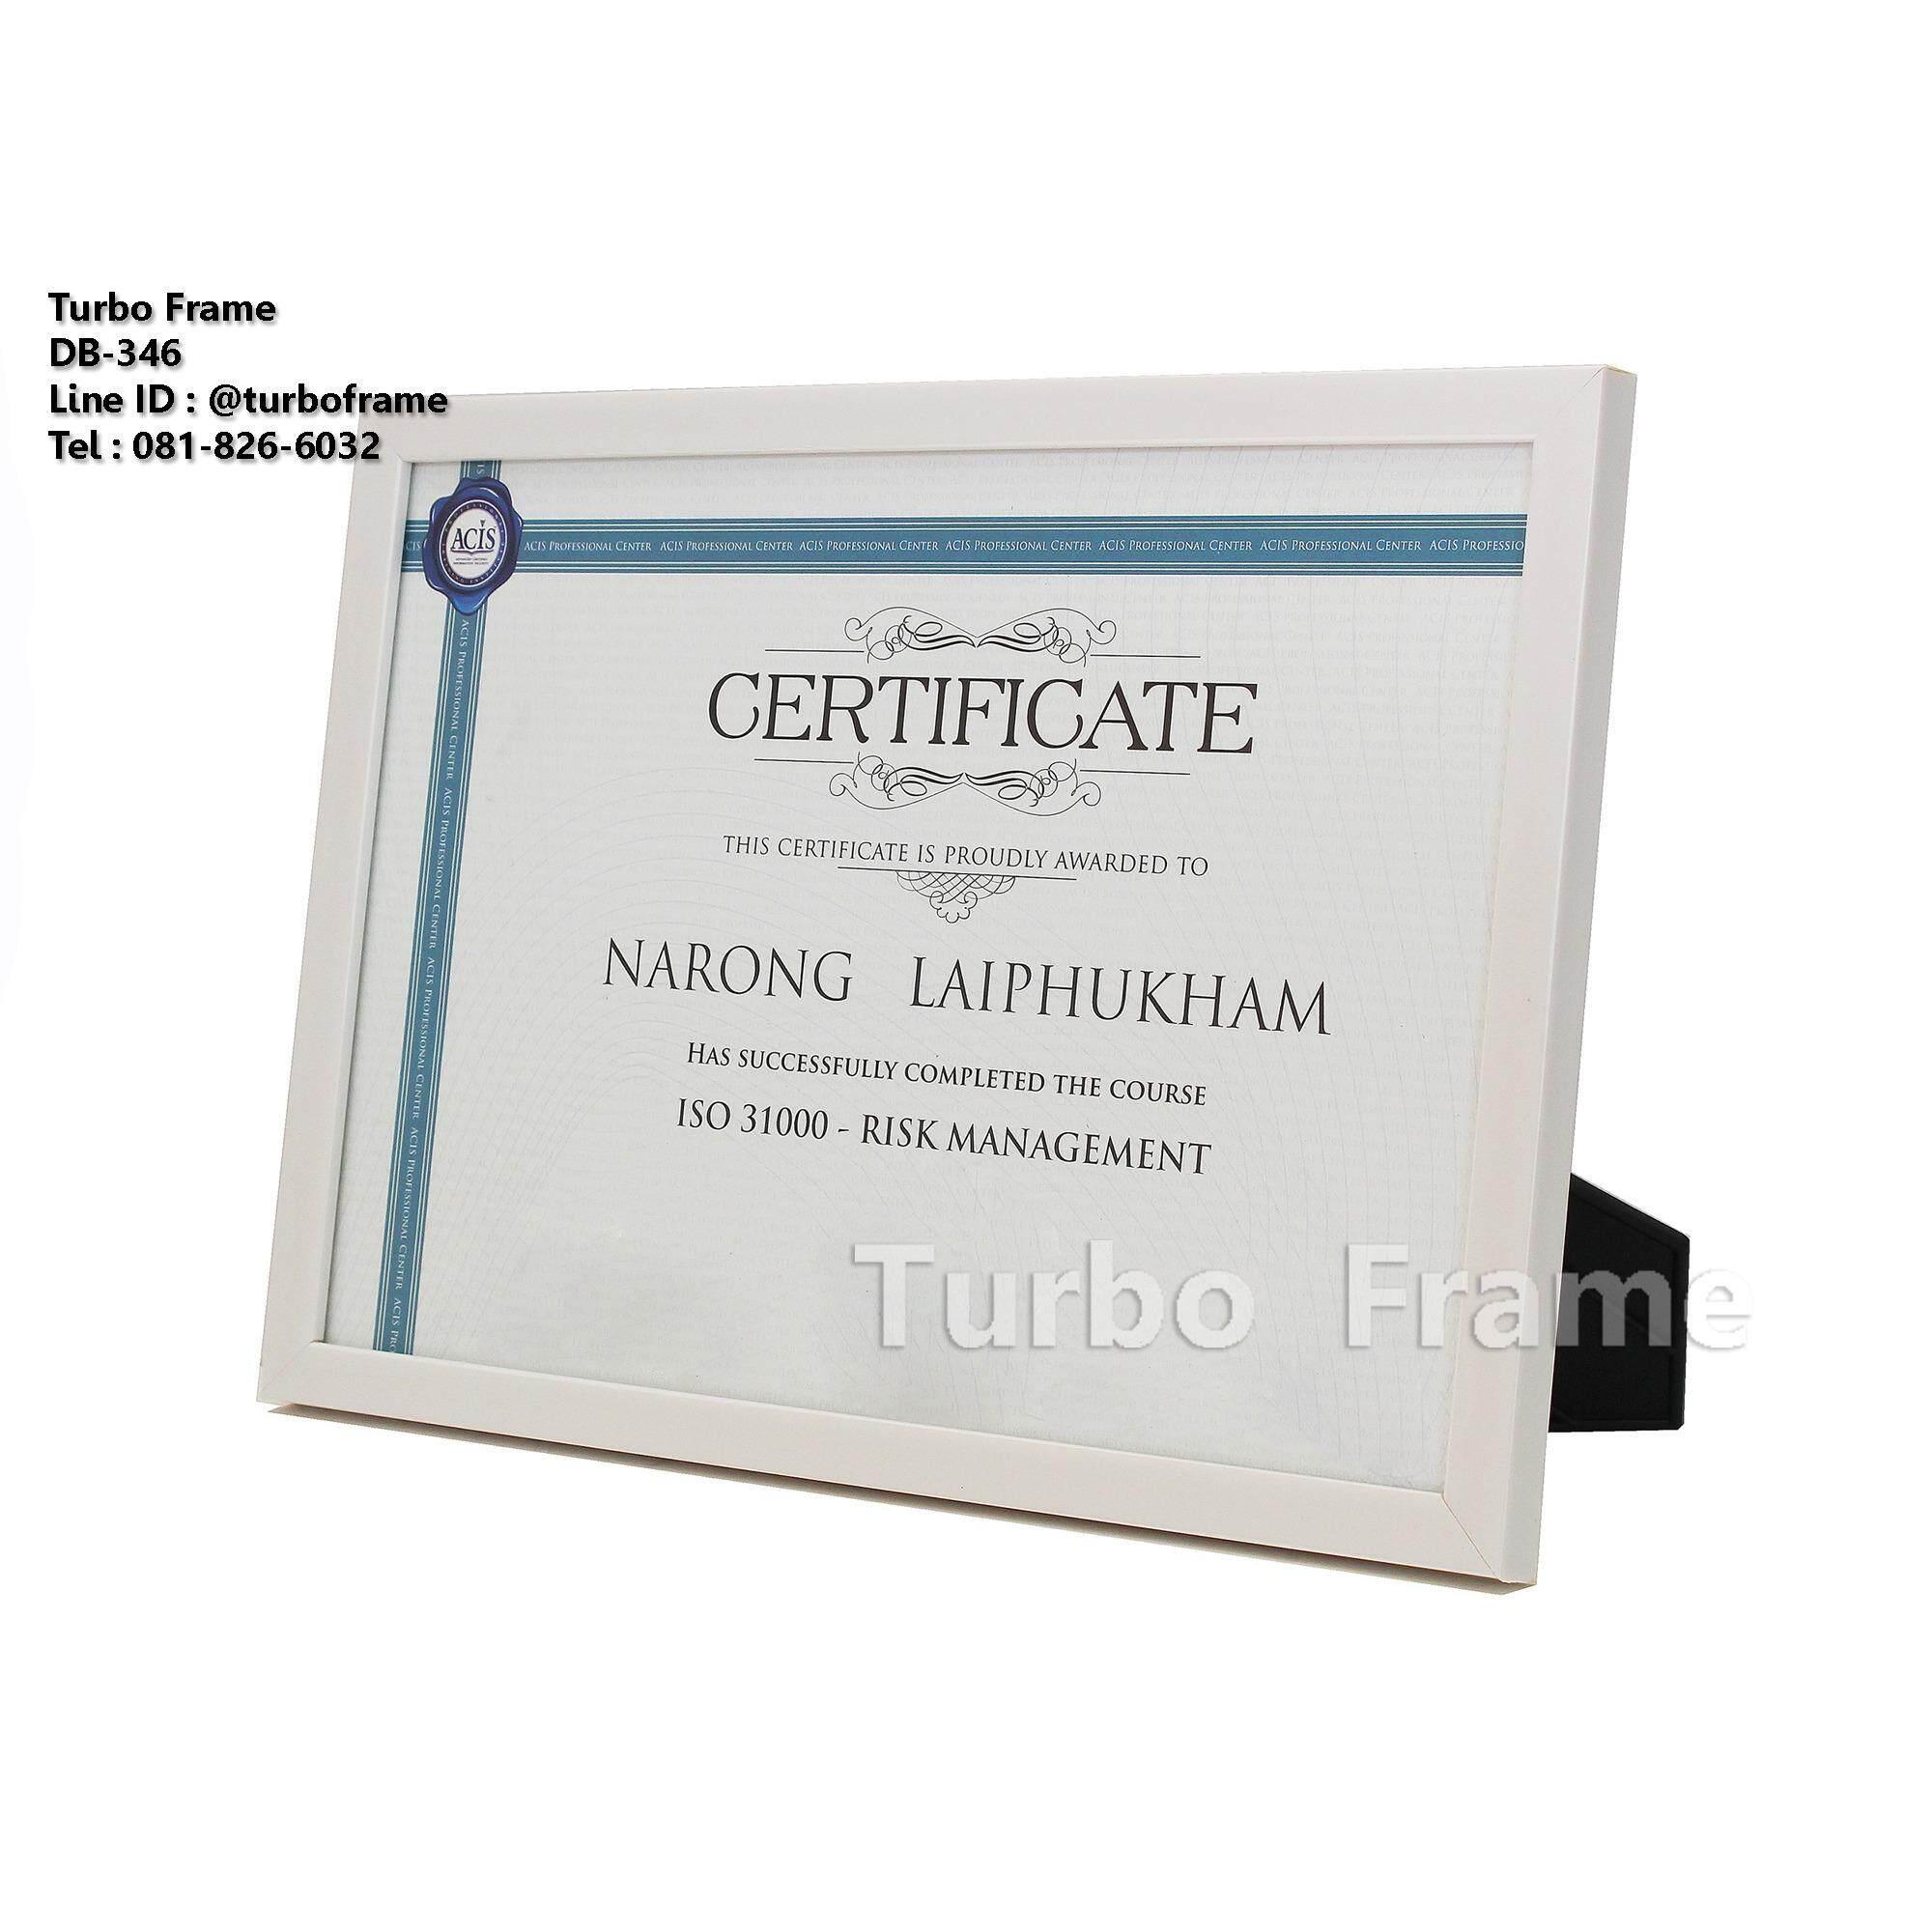 ราคา Turbo Frame กรอบรูปใส่ภาพขนาด A4 ใส่ใบประกาศ ออนไลน์ กรุงเทพมหานคร